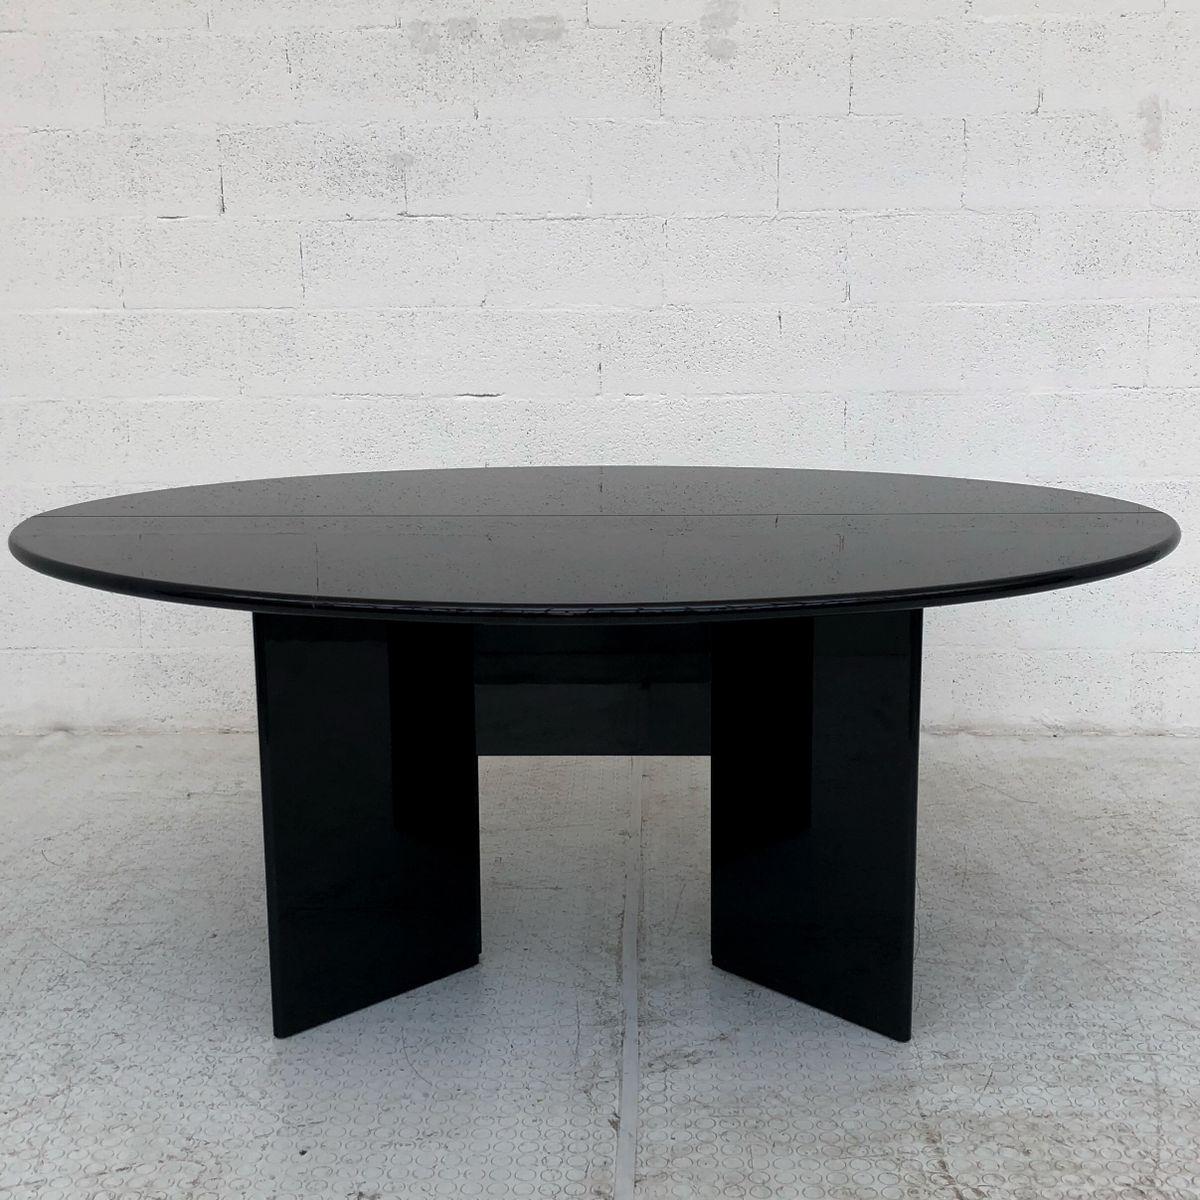 Antella Tisch von Kazuhide Takahama für Cassina, 1978